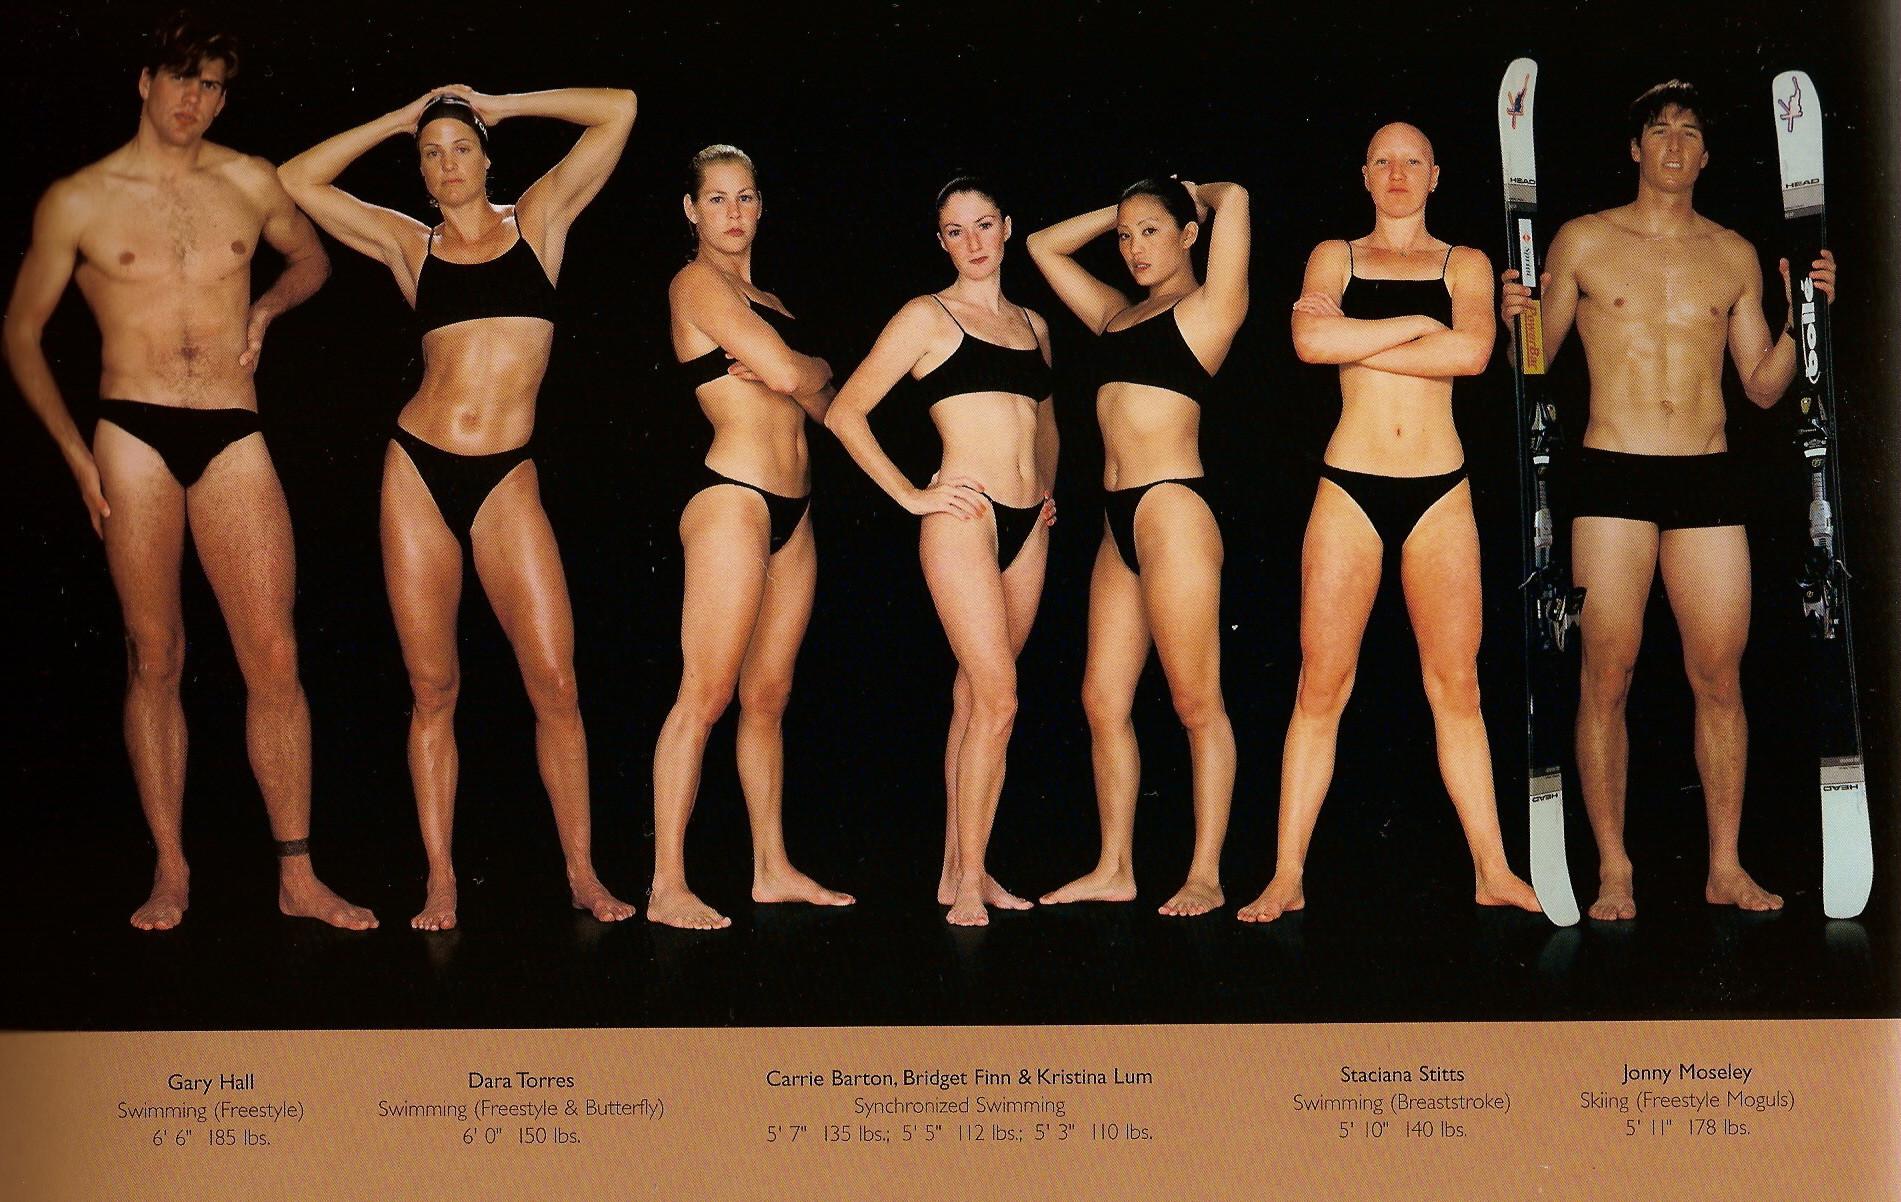 Howard Schatz / слева направо: плавание (фристайл), плавание (баттерфляй), синхронное плавание (три девушки), плавание (брасс), лыжи (фристайл, могул).